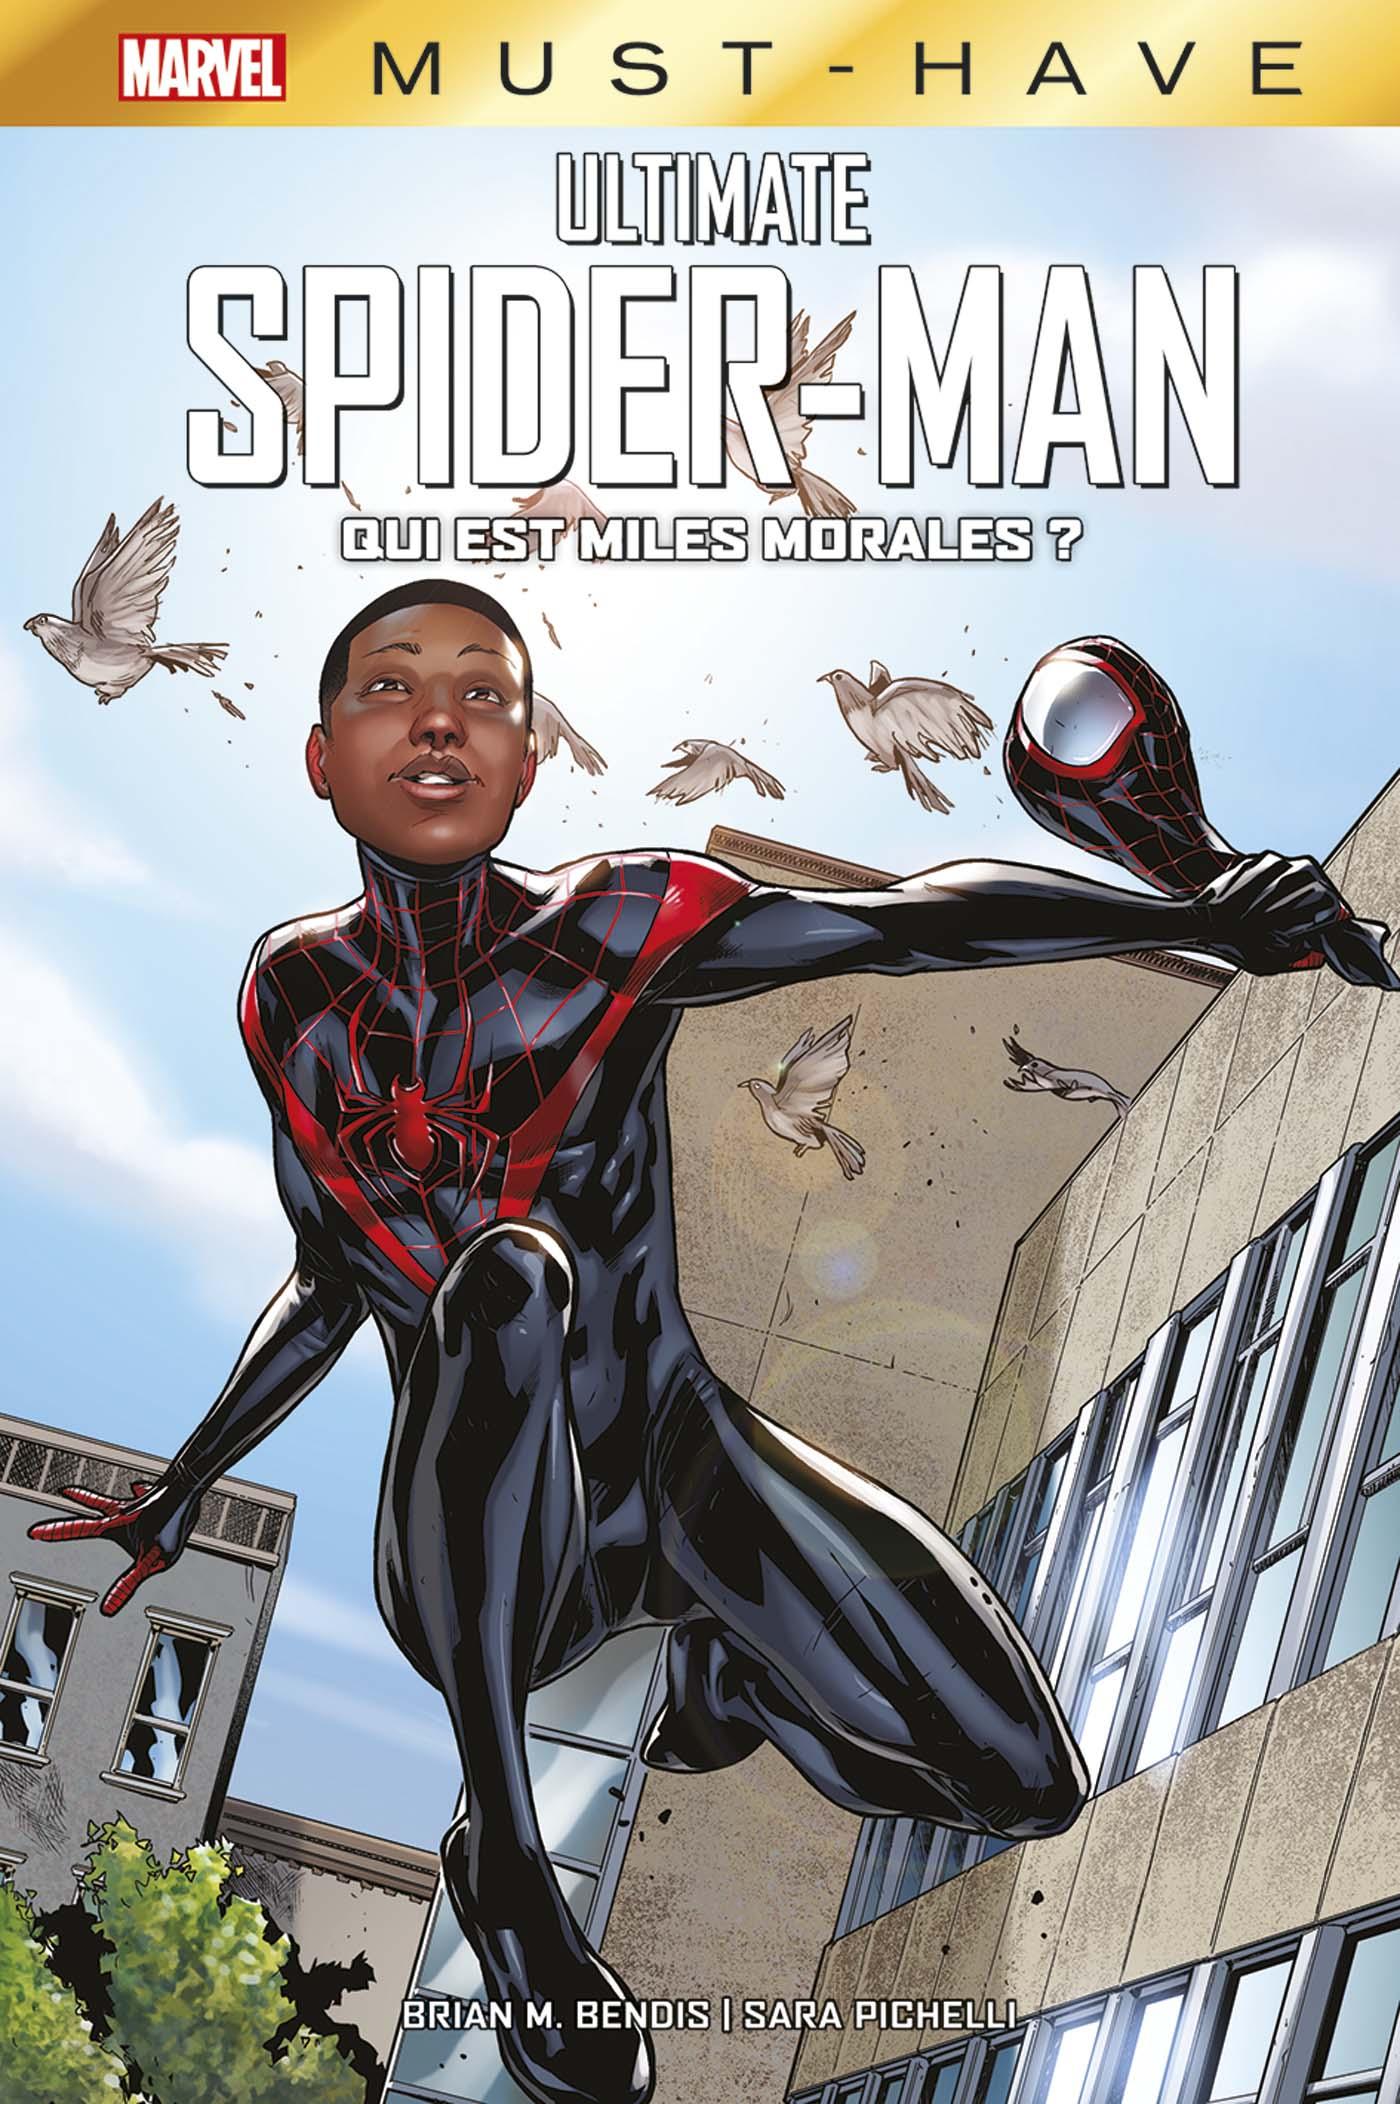 Ultimate Spider-man - Qui est Miles Morales ? 1